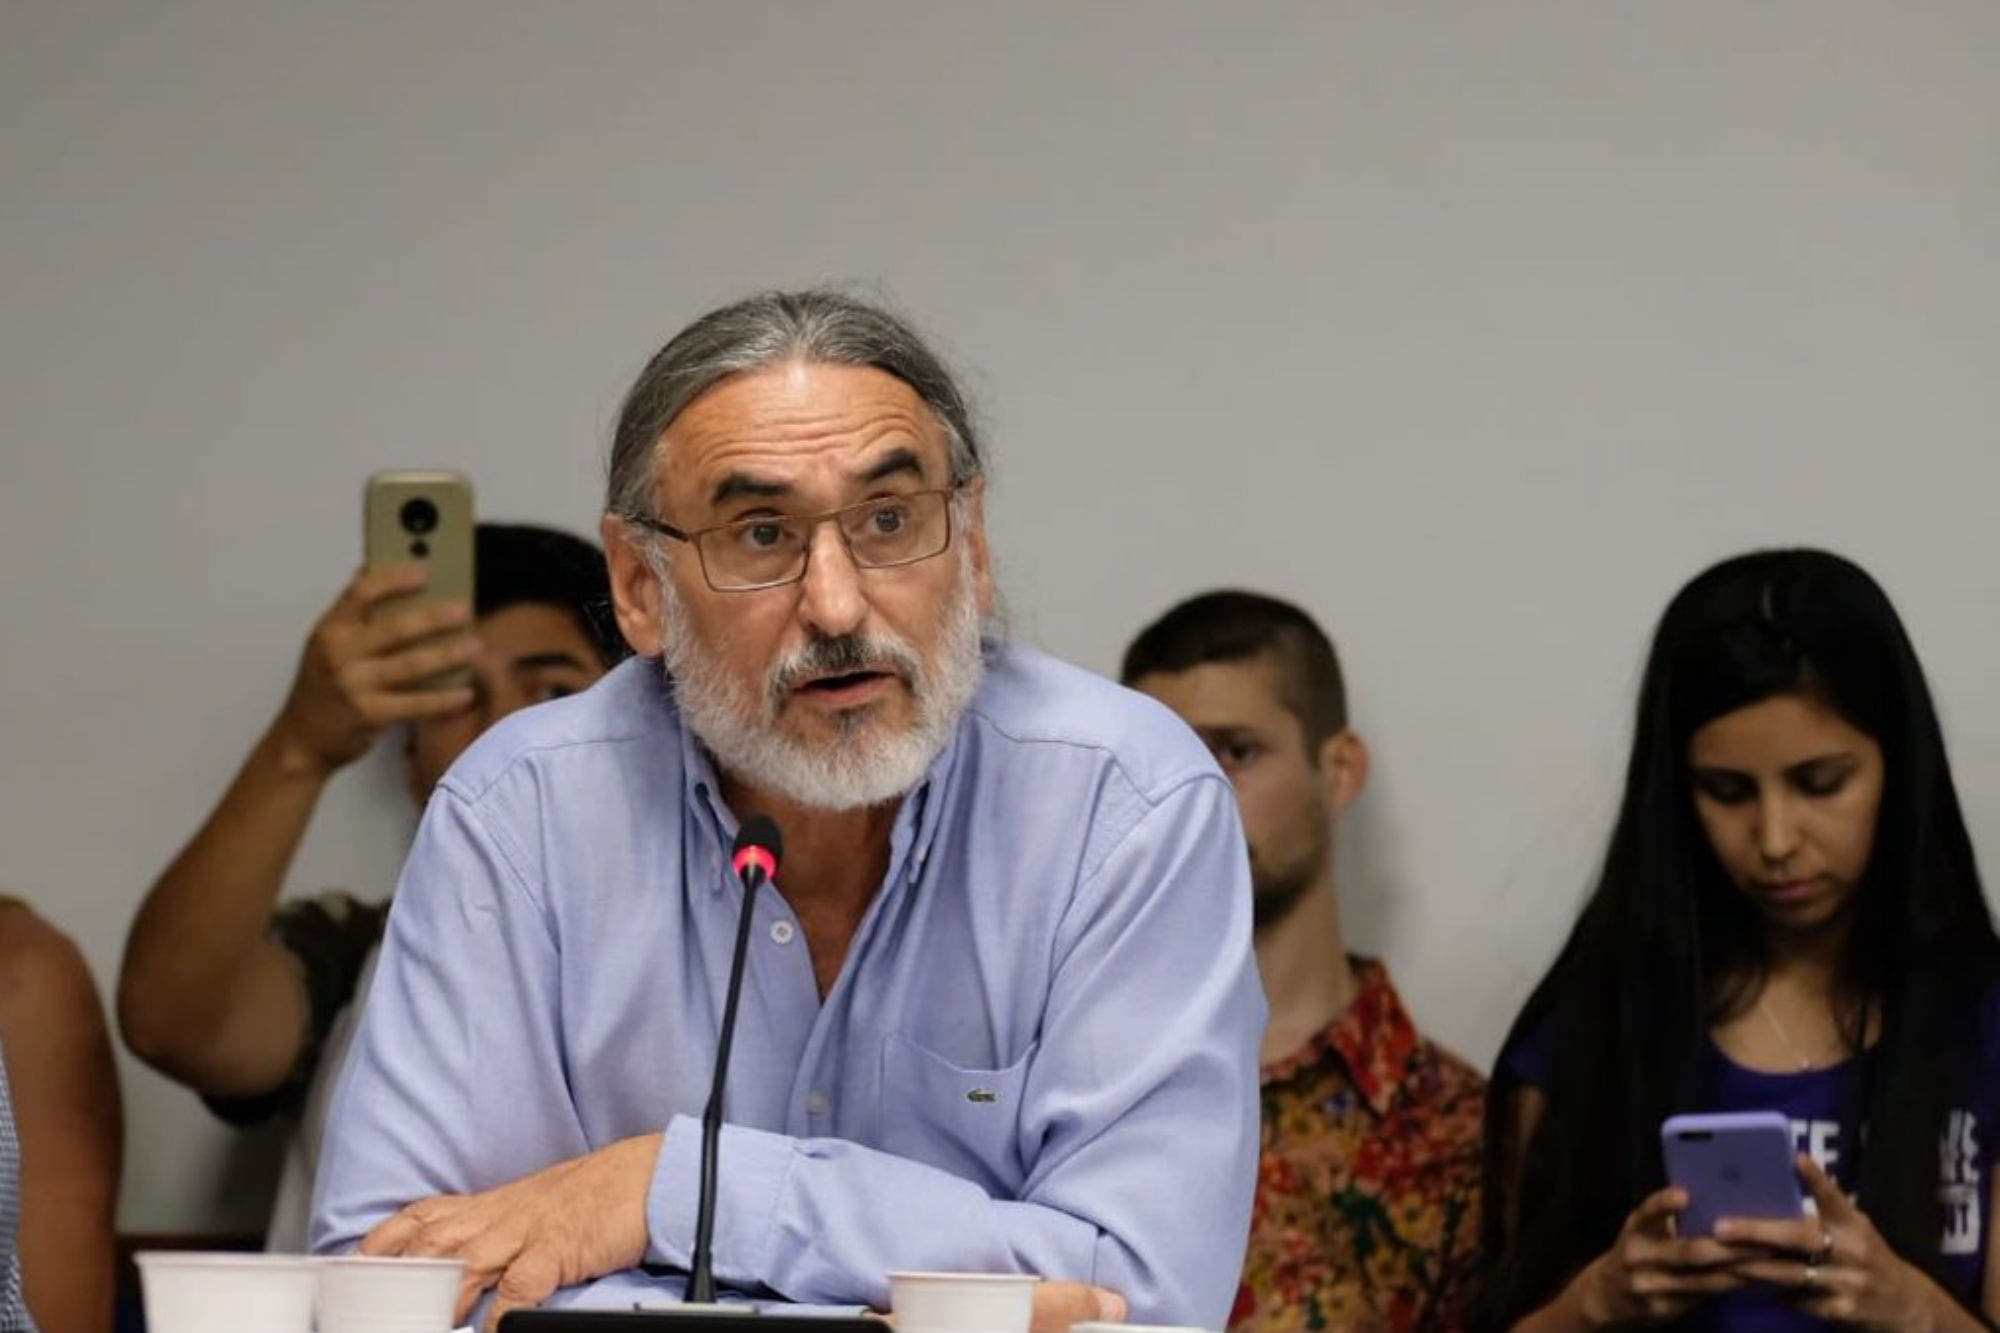 El diputado Luis Basterra ganó terreno para ser ministro de Agricultura